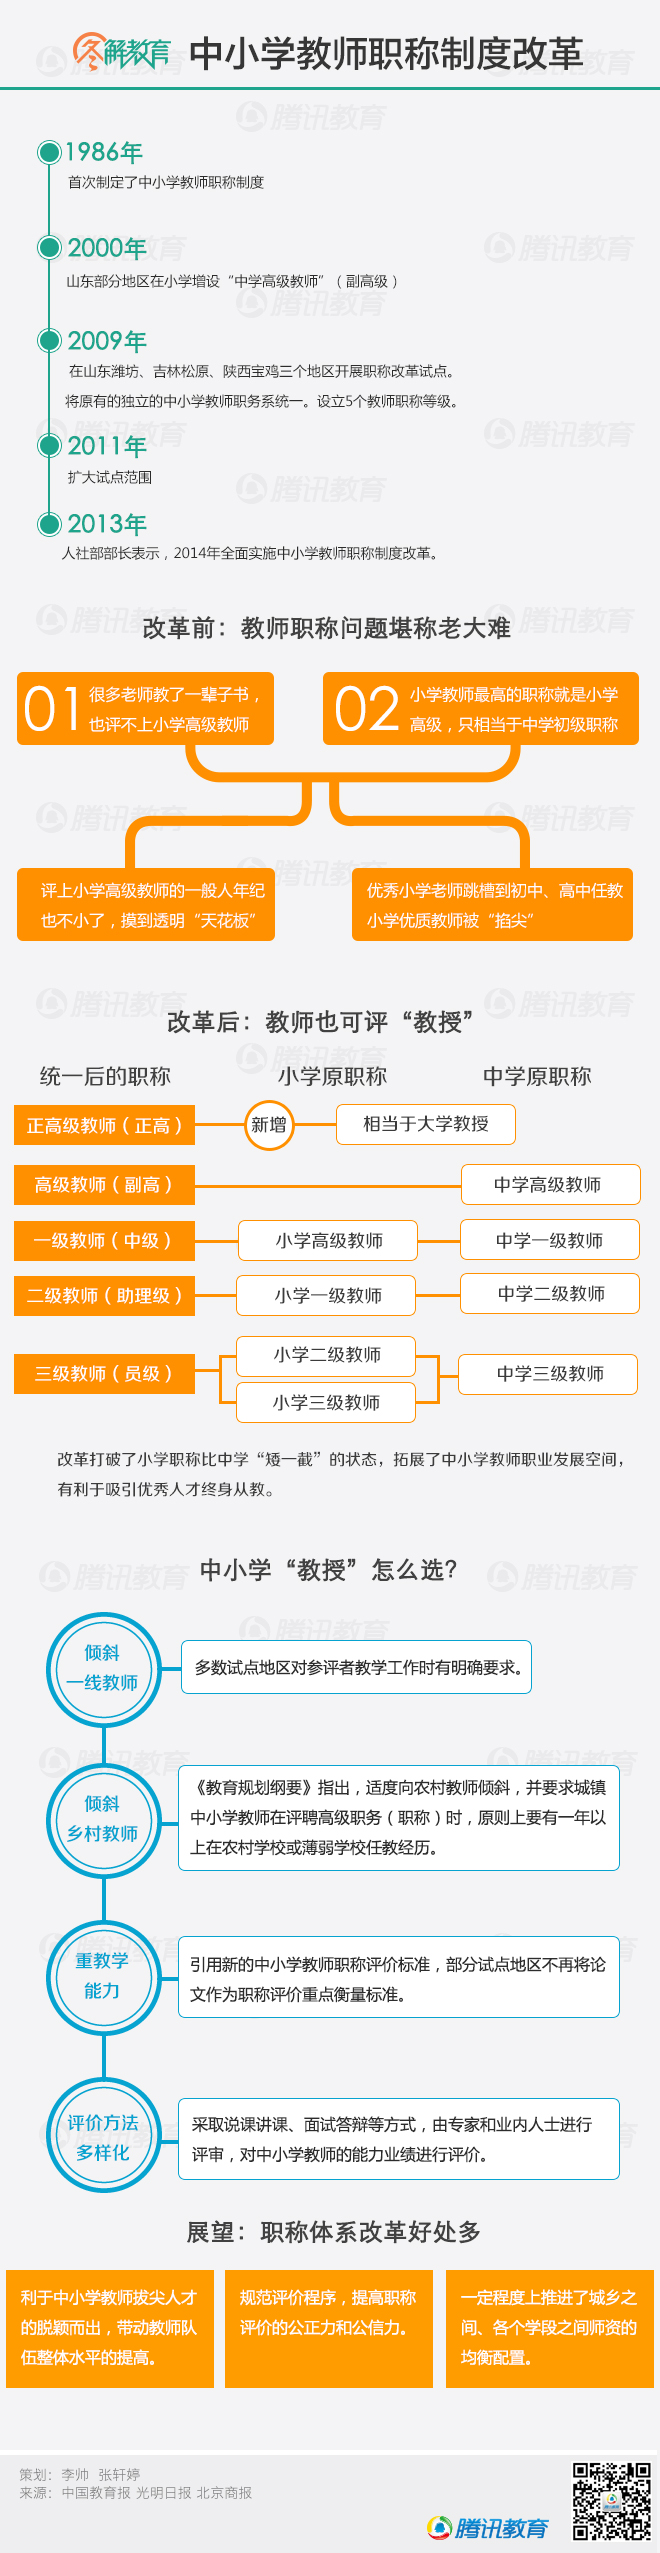 中小学教师职称制度改革